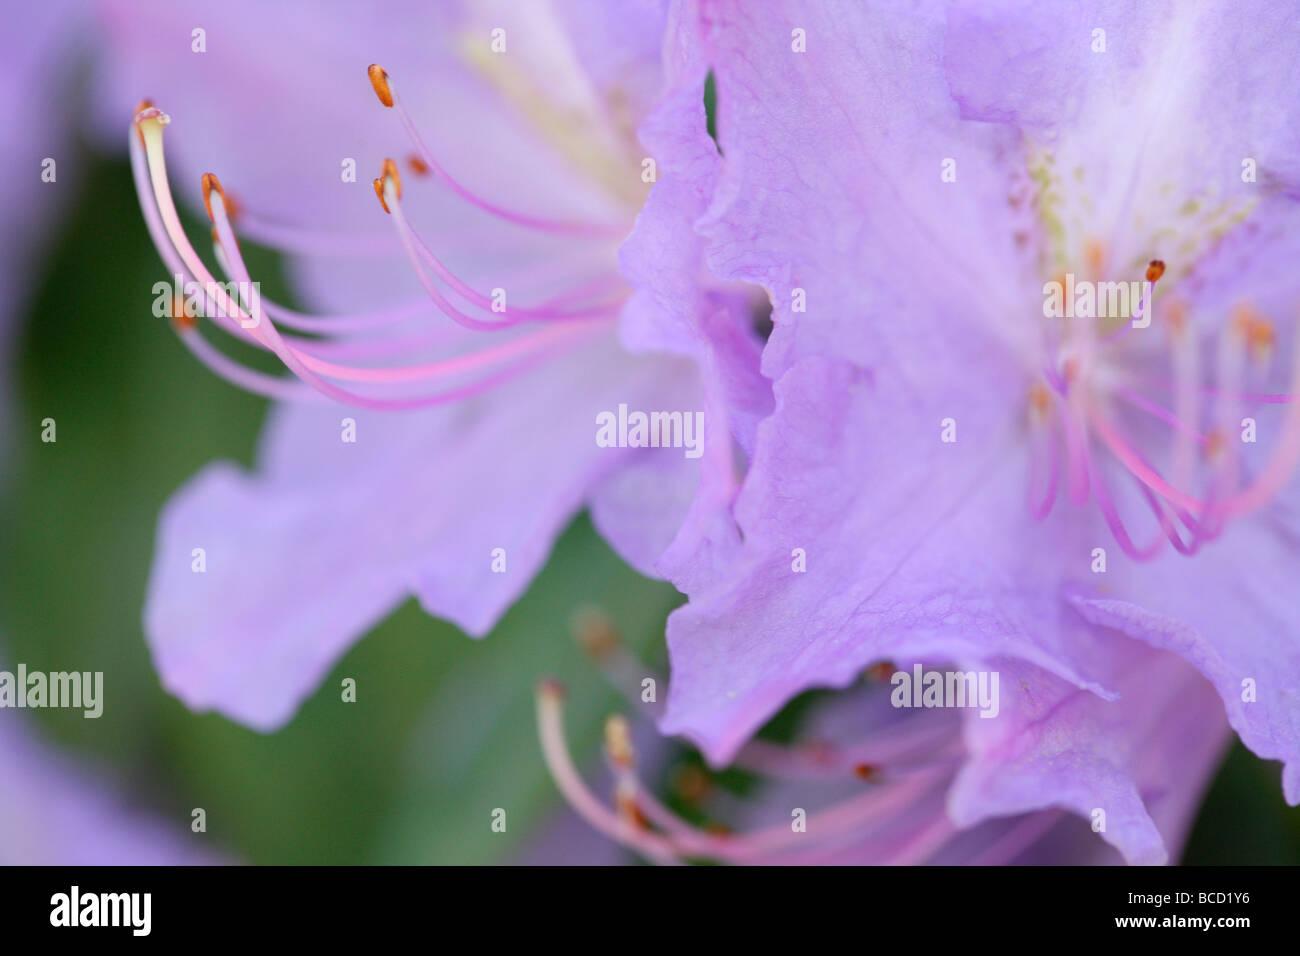 Couleurs douces et éthérées de fleurs d'azalées élégante fine art photography Photo Stock